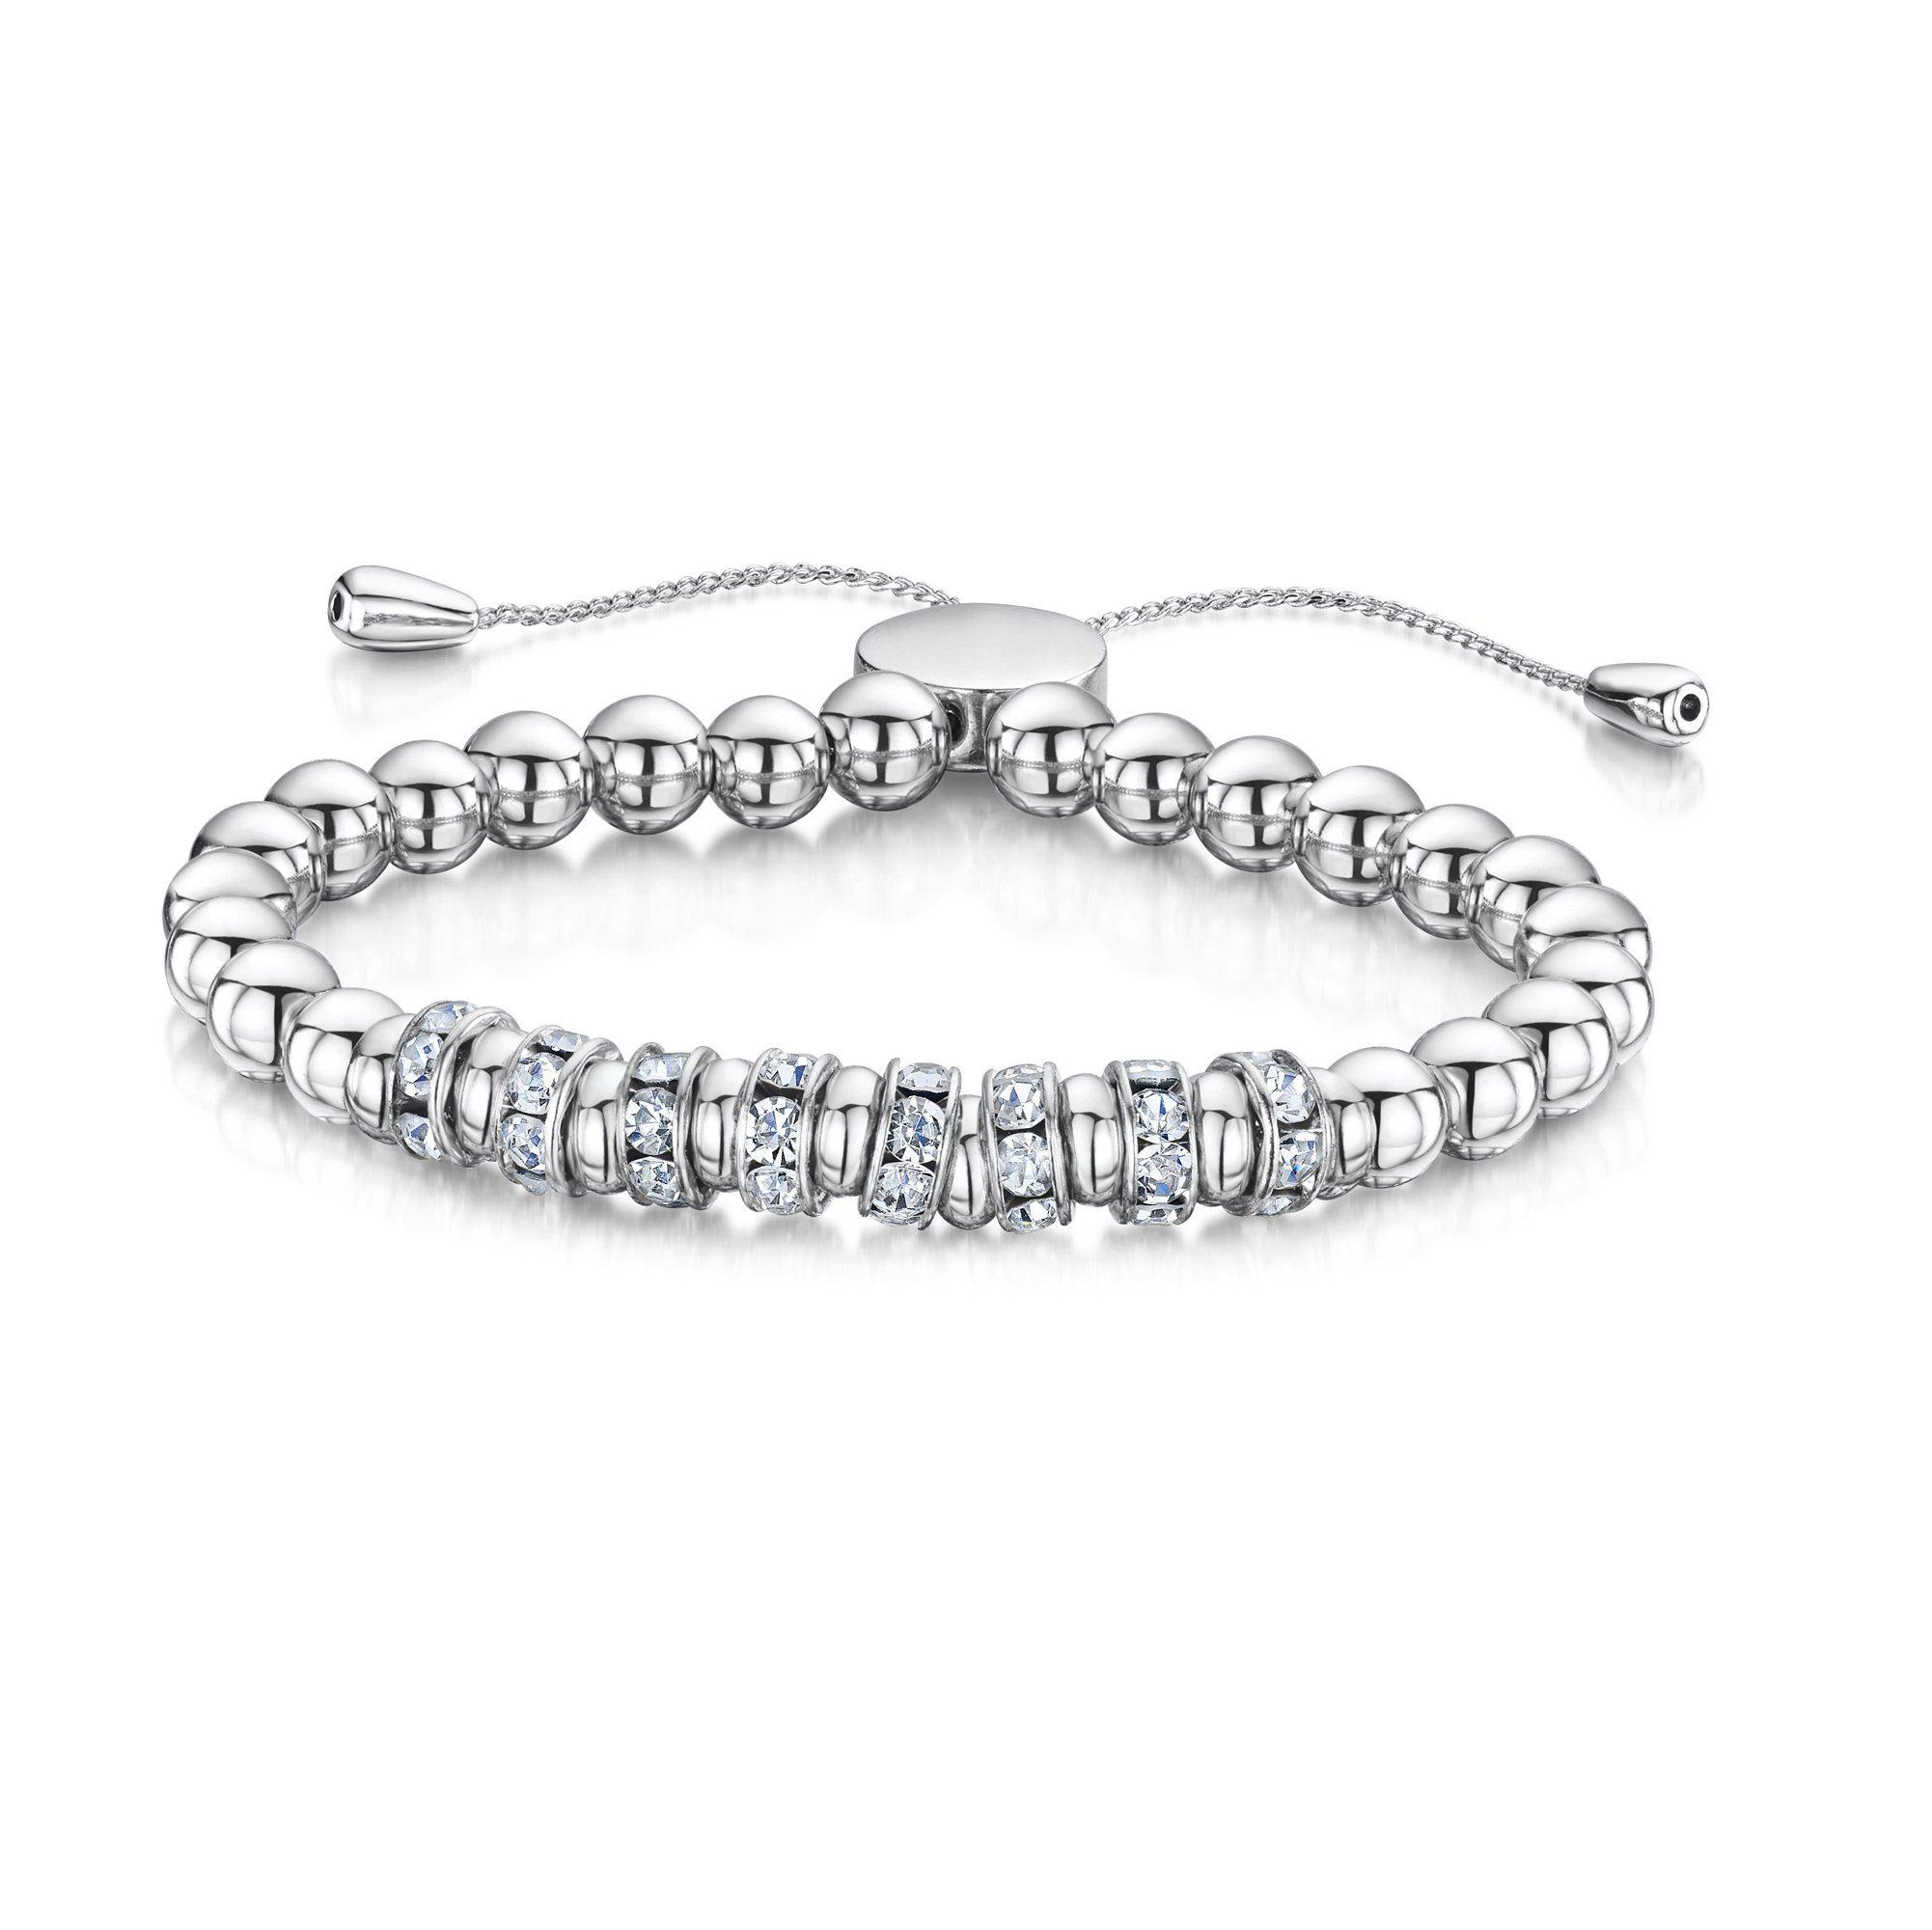 Buckley London Armband »Messing rhodiniert mit Kristallen«